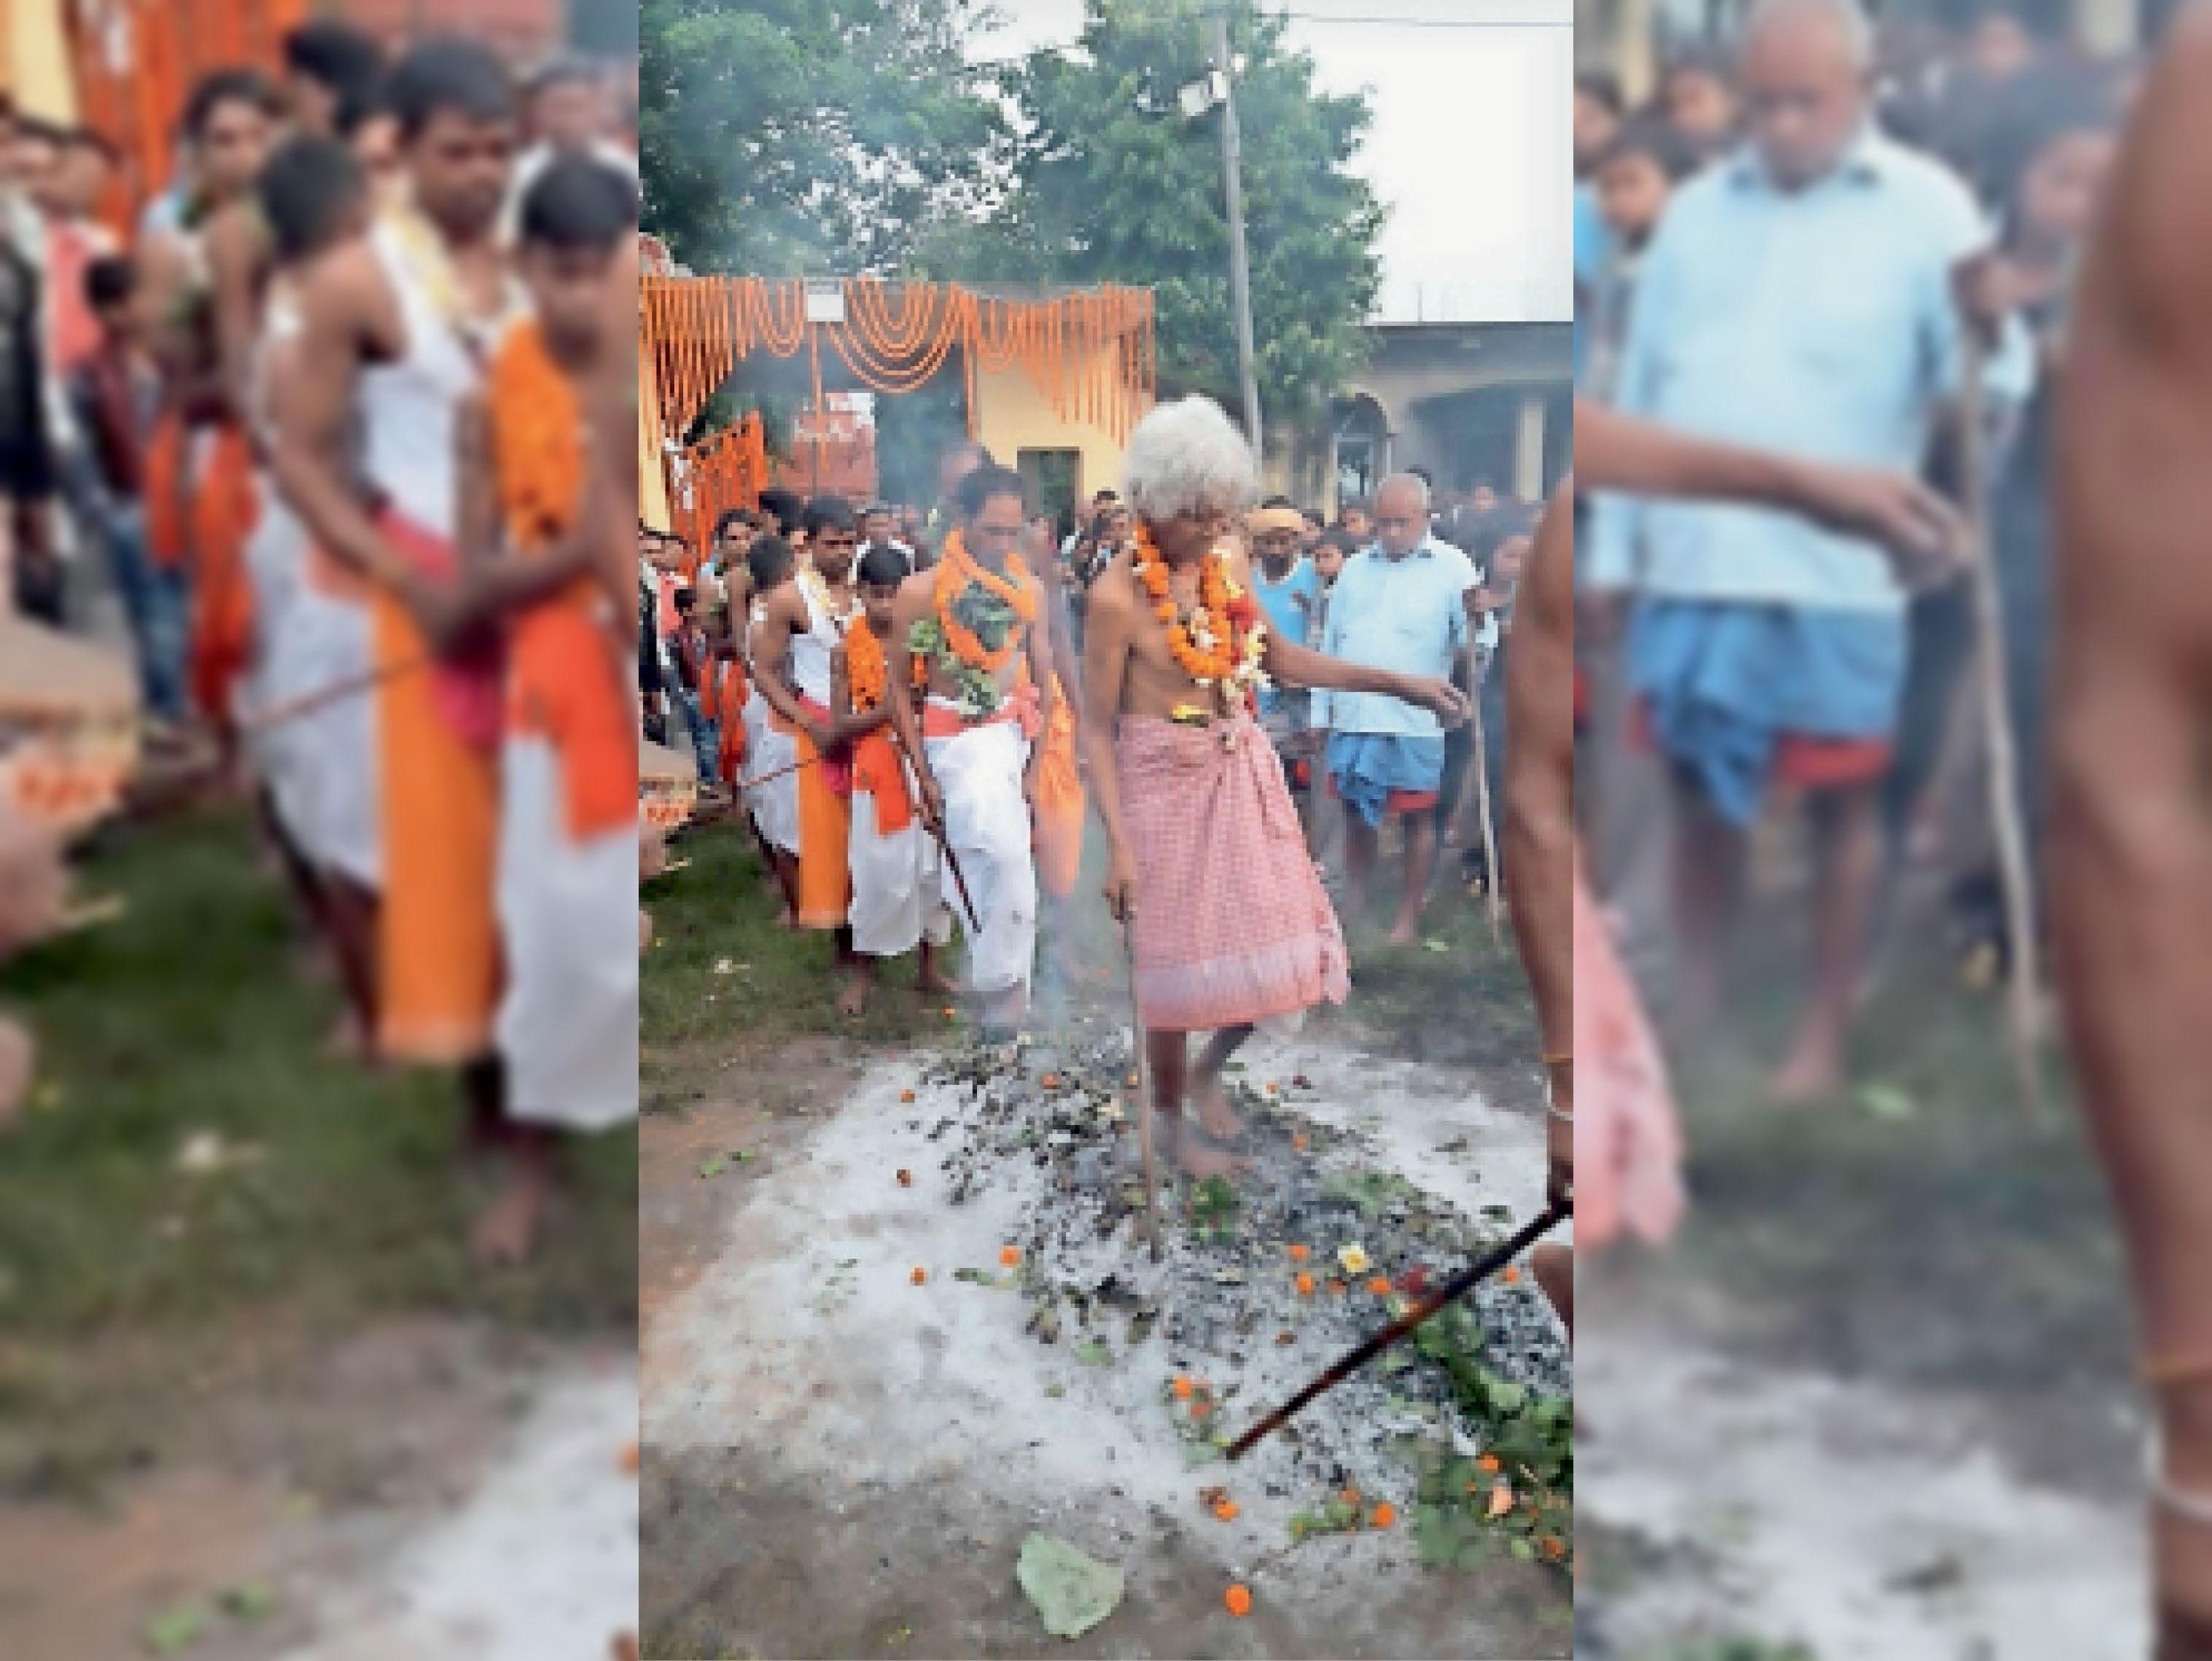 दहकते अंगारों पर नंगे पांव चलते शिवभक्त। - Dainik Bhaskar